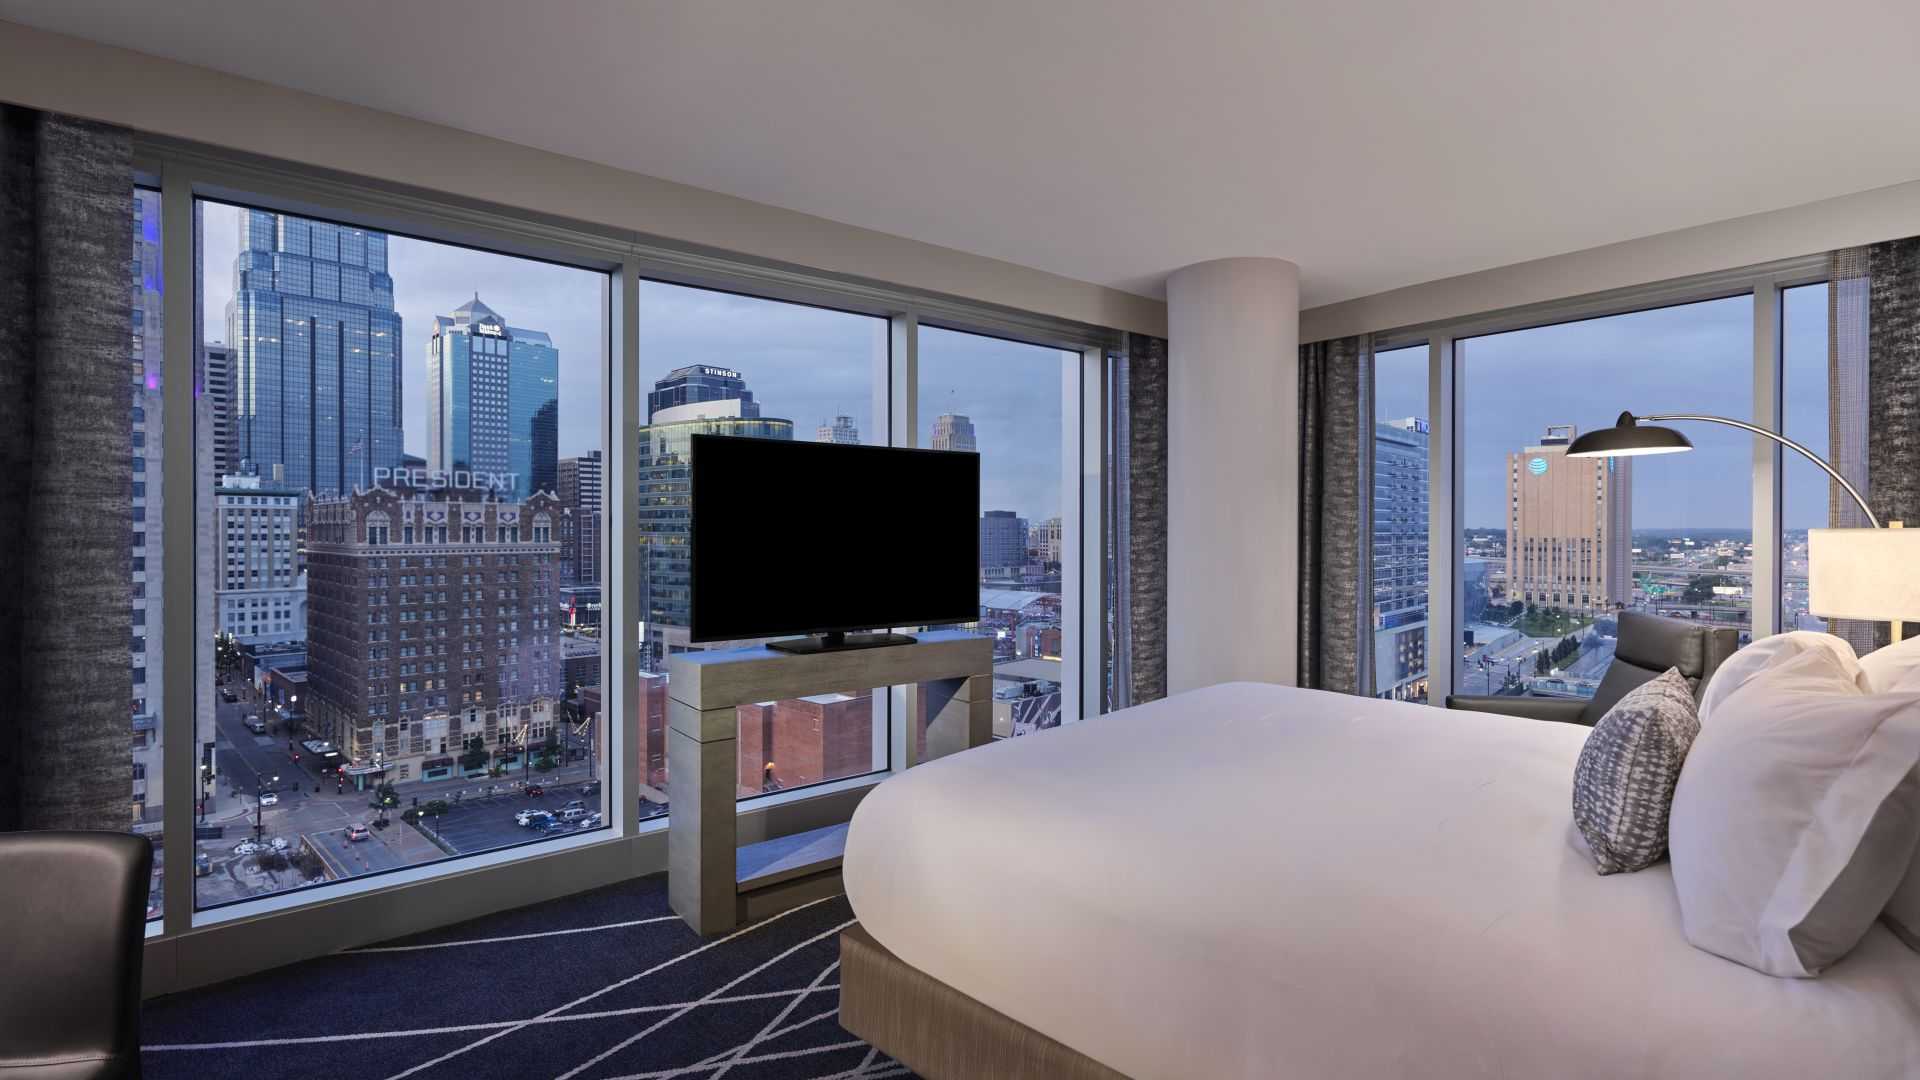 Una habitación con un gran ventanal